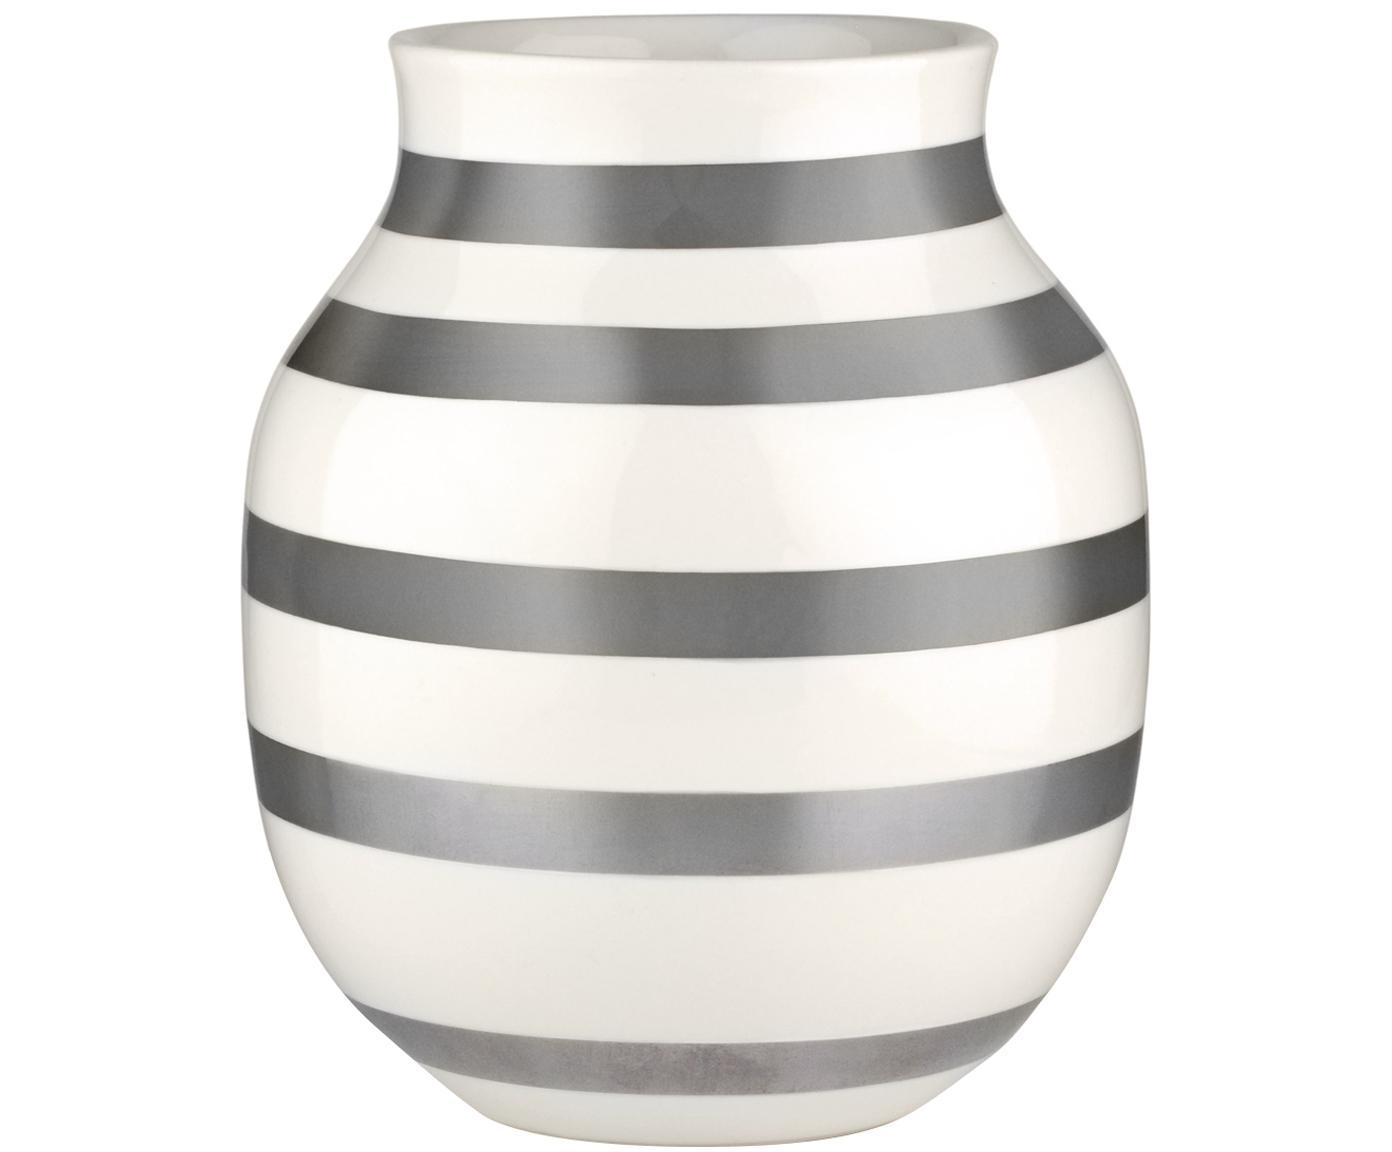 Vaso di design fatto a mano Omaggio, Ceramica, Argento, bianco, Ø 17 x Alt. 20 cm